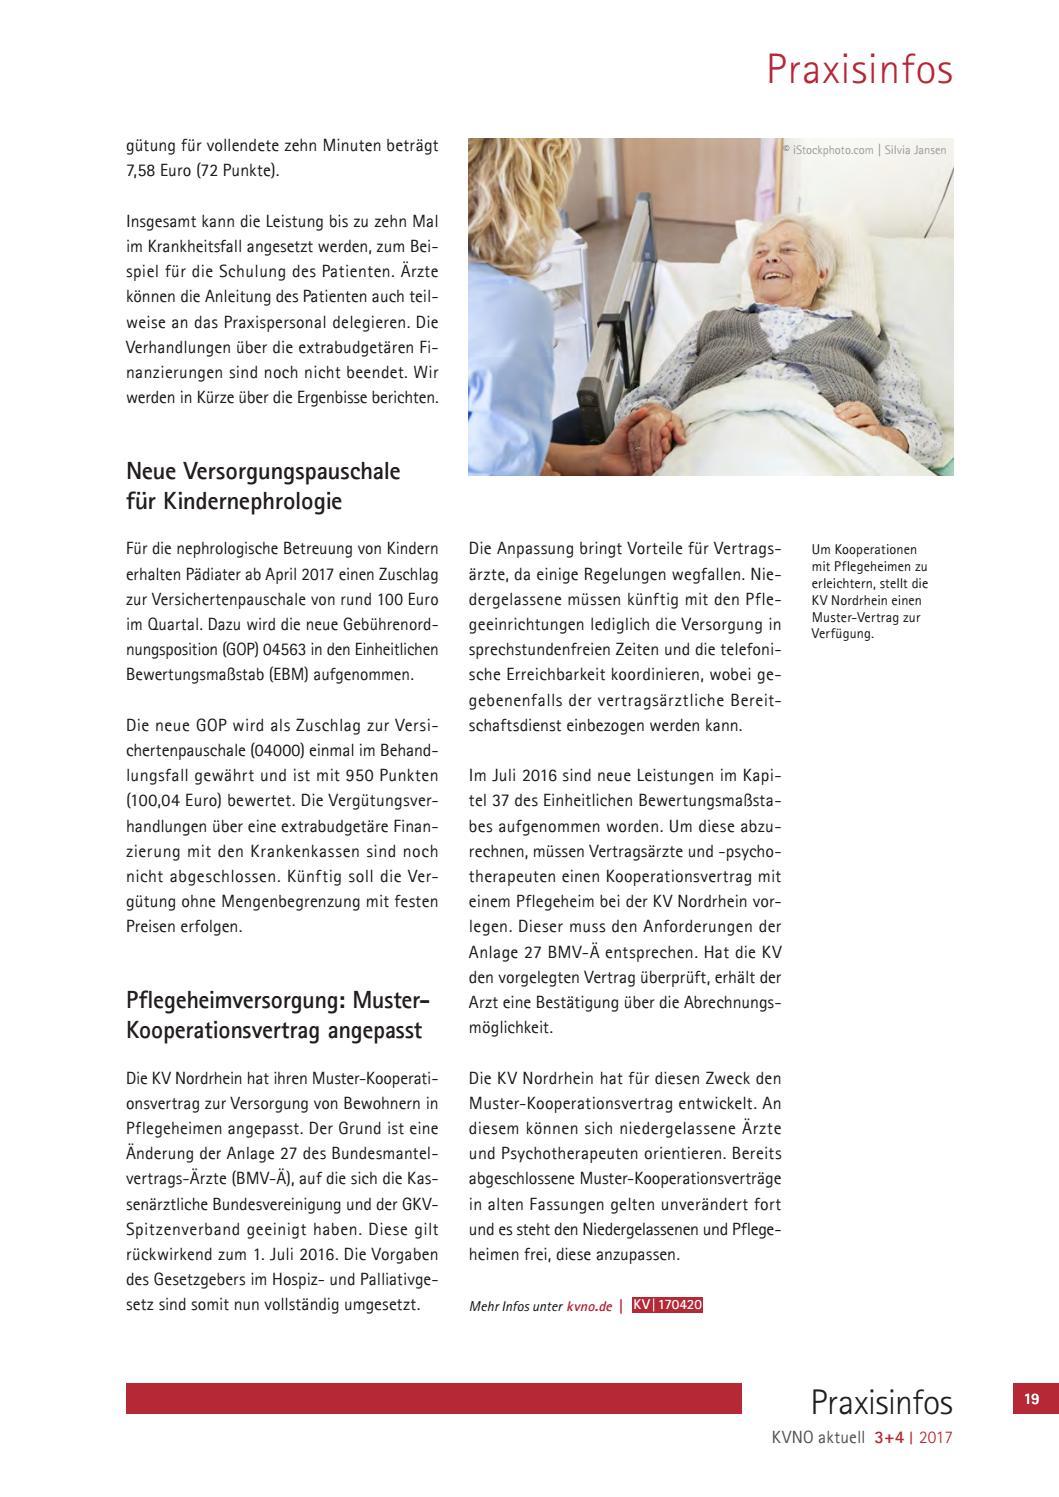 kvno aktuell 34 2017 by kv nordrhein issuu - Muster Kooperationsvertrag